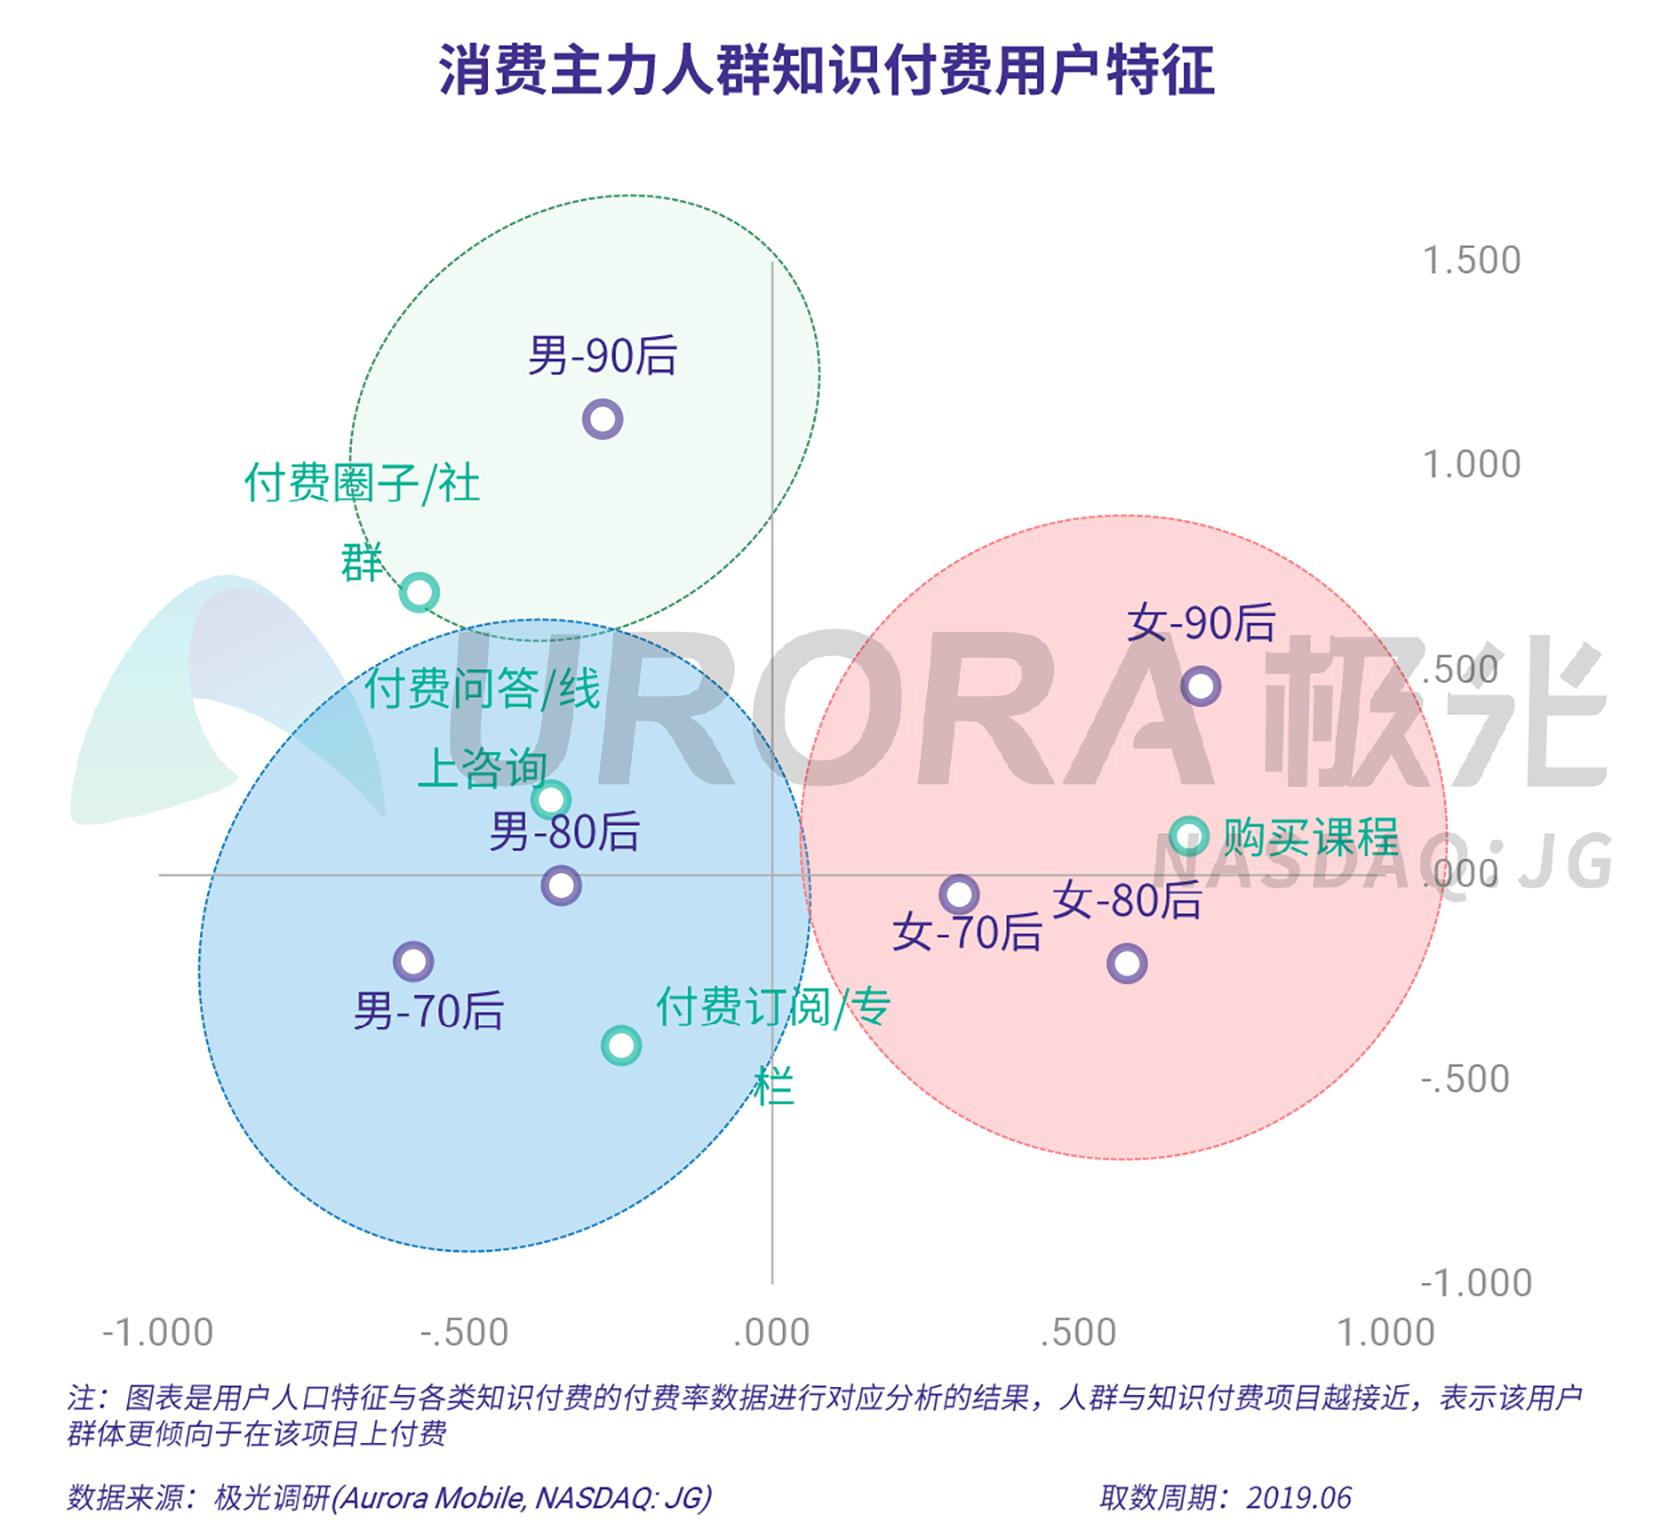 2019年消费主力人群虚拟产品付费研究报告-V5-25.png